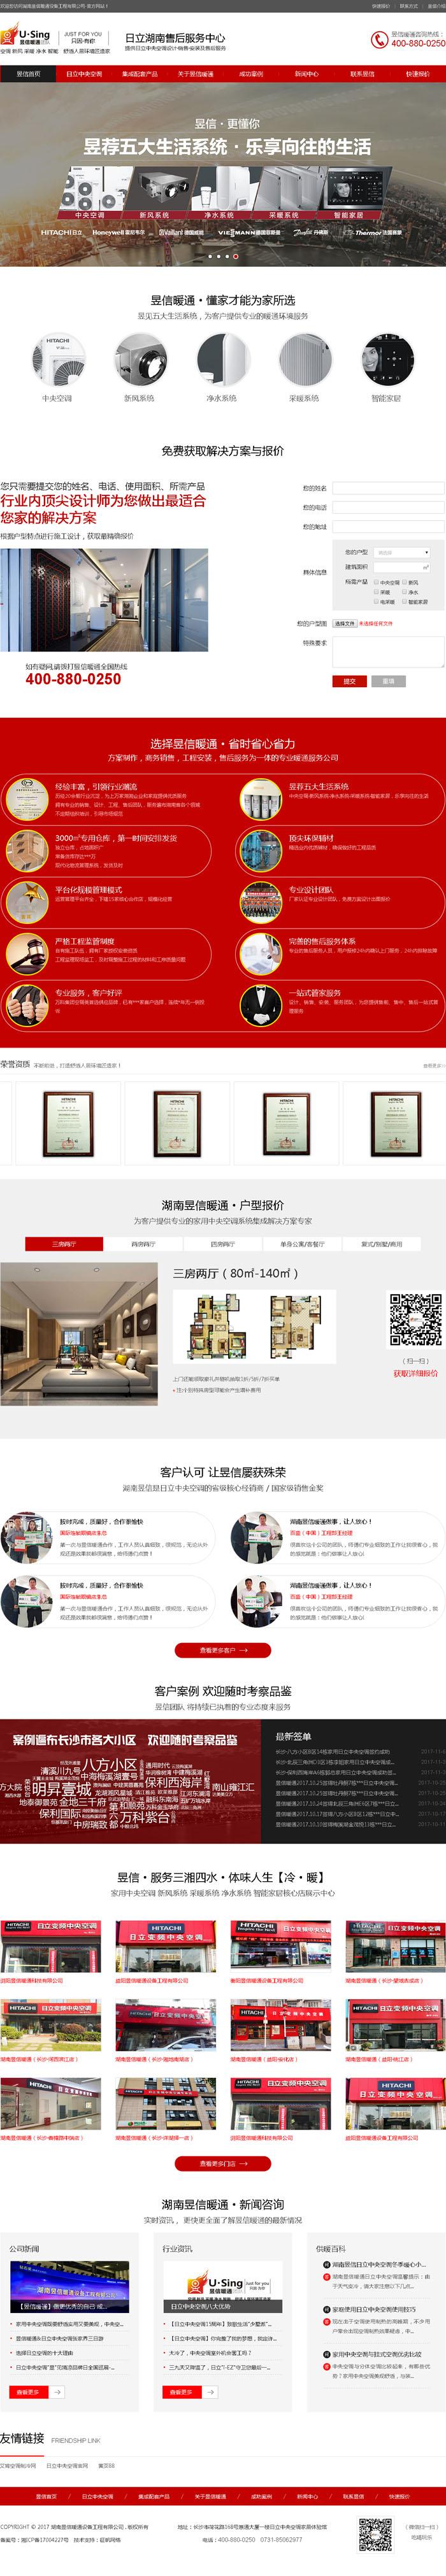 湖南昱信暖通设备工程有限公司网站效果图